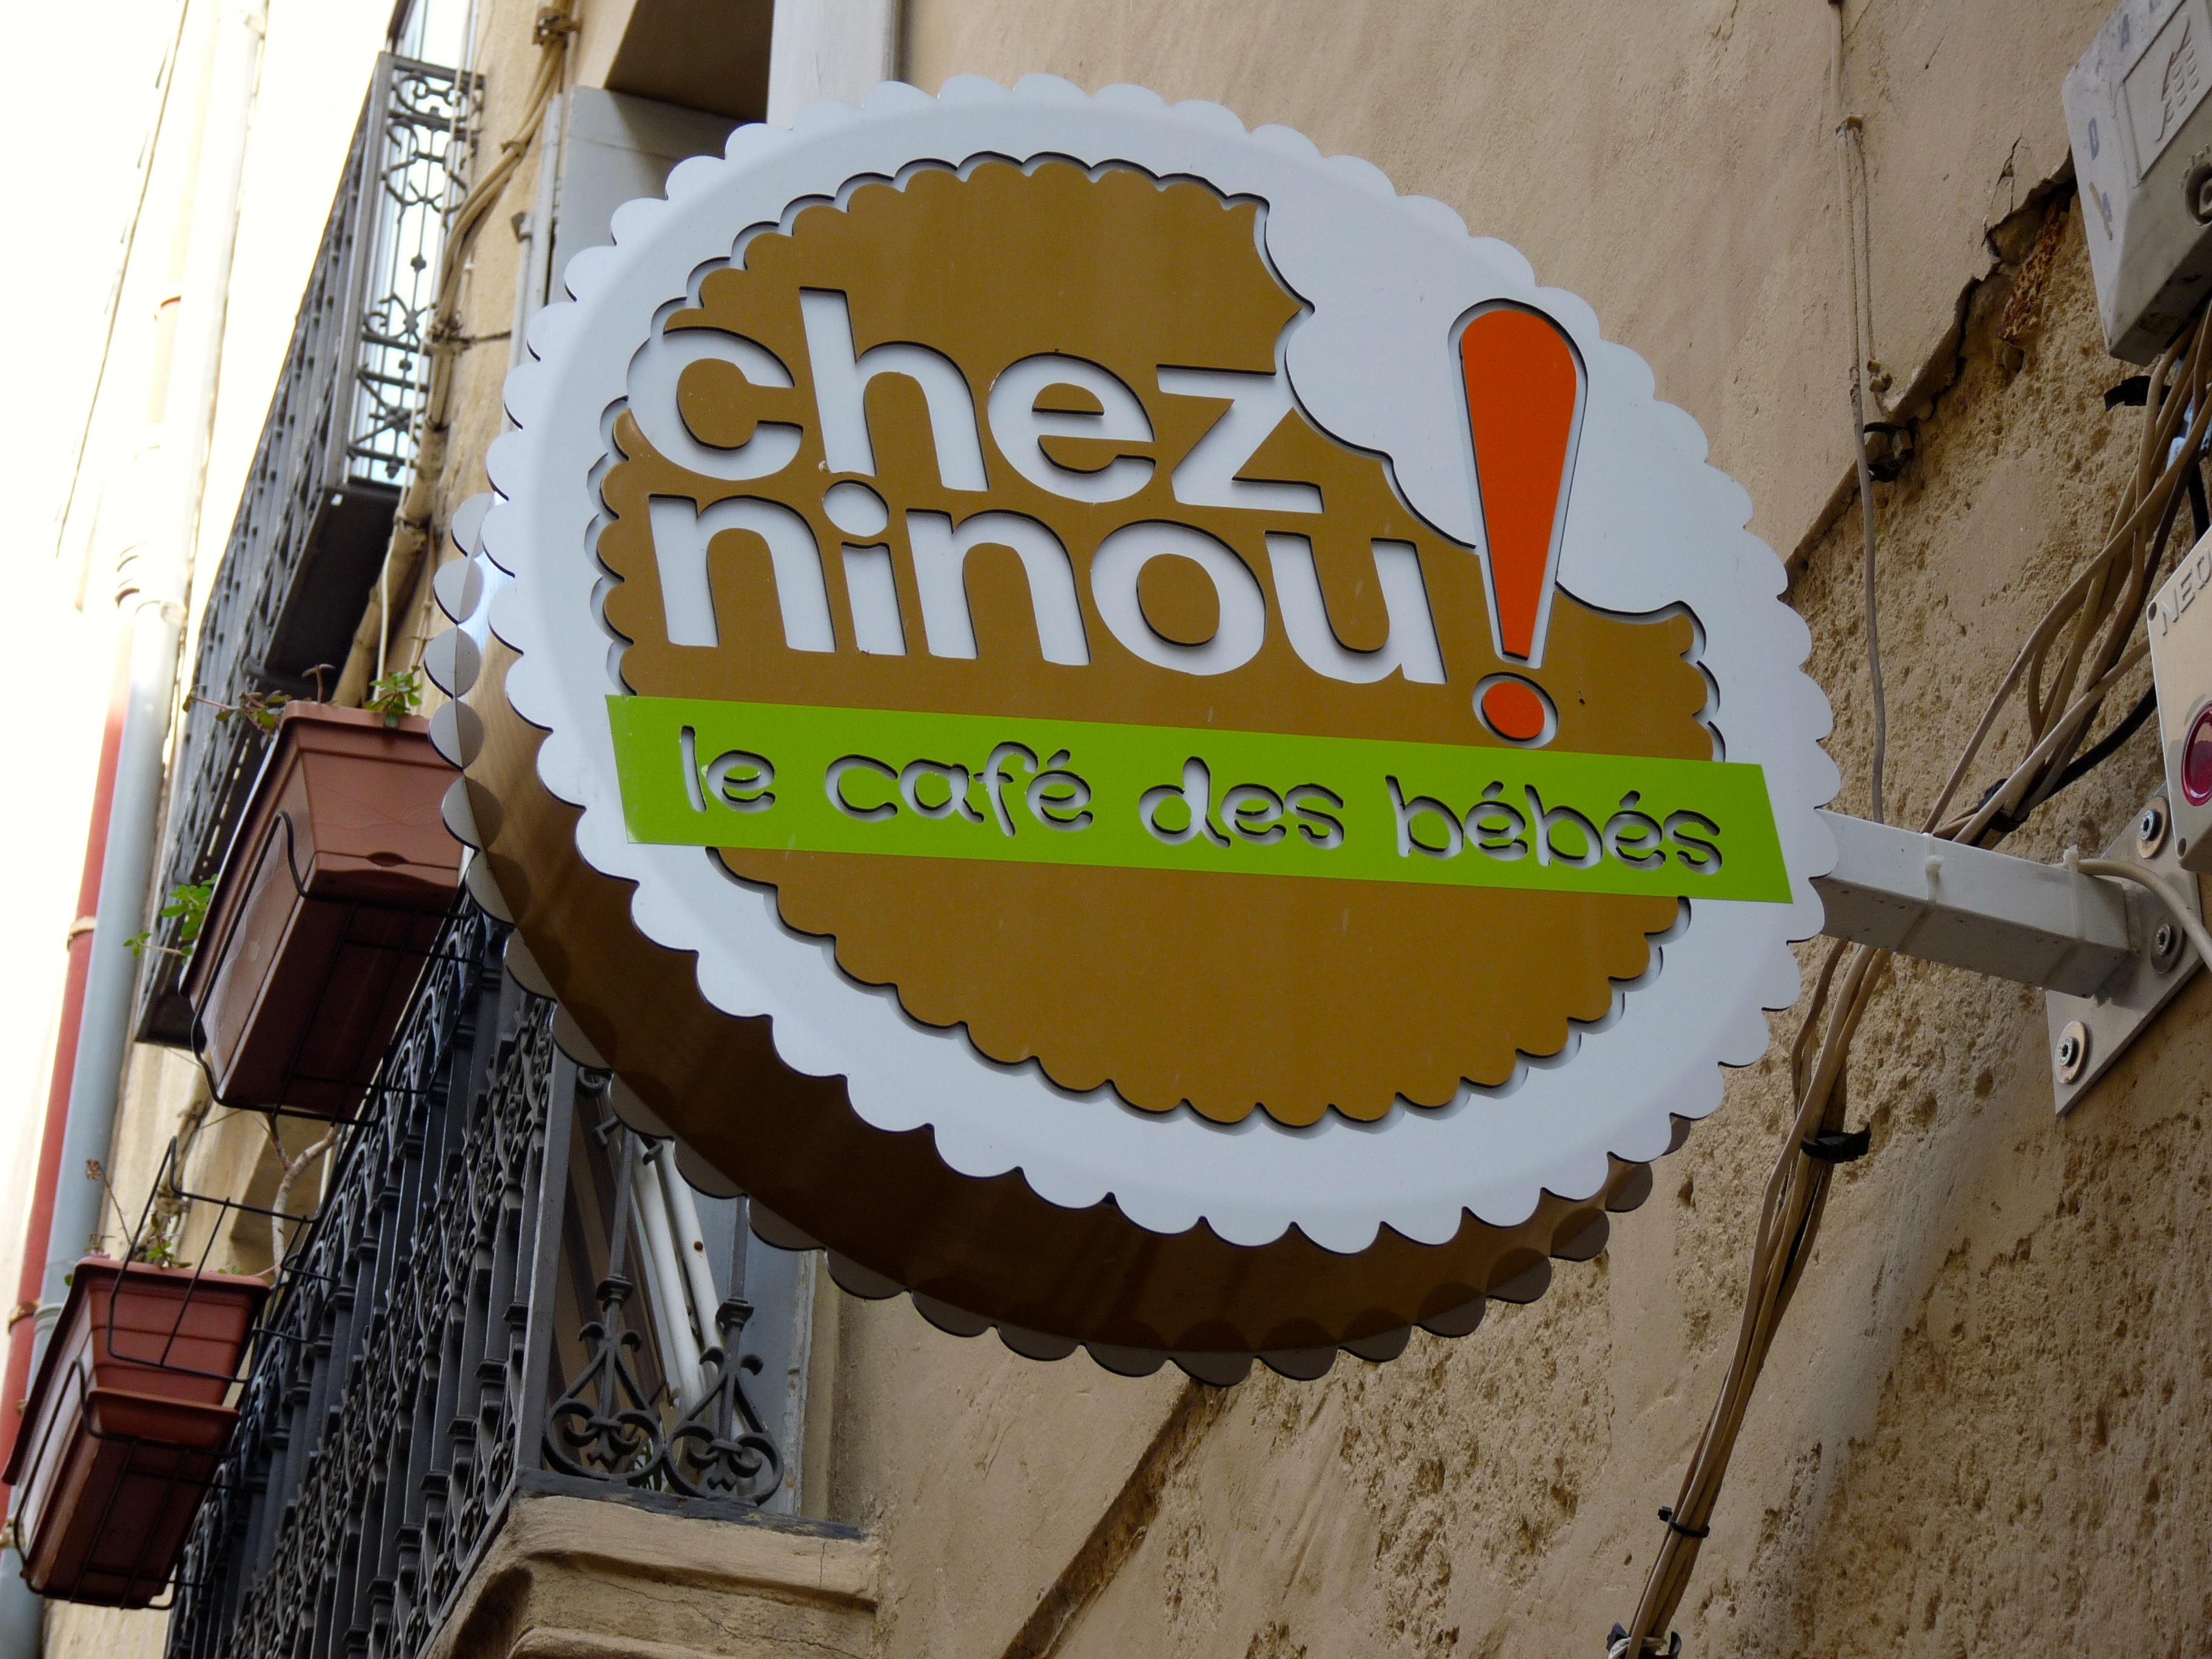 Off Appartement et Chez Ninou! La café des bébés Montpellier